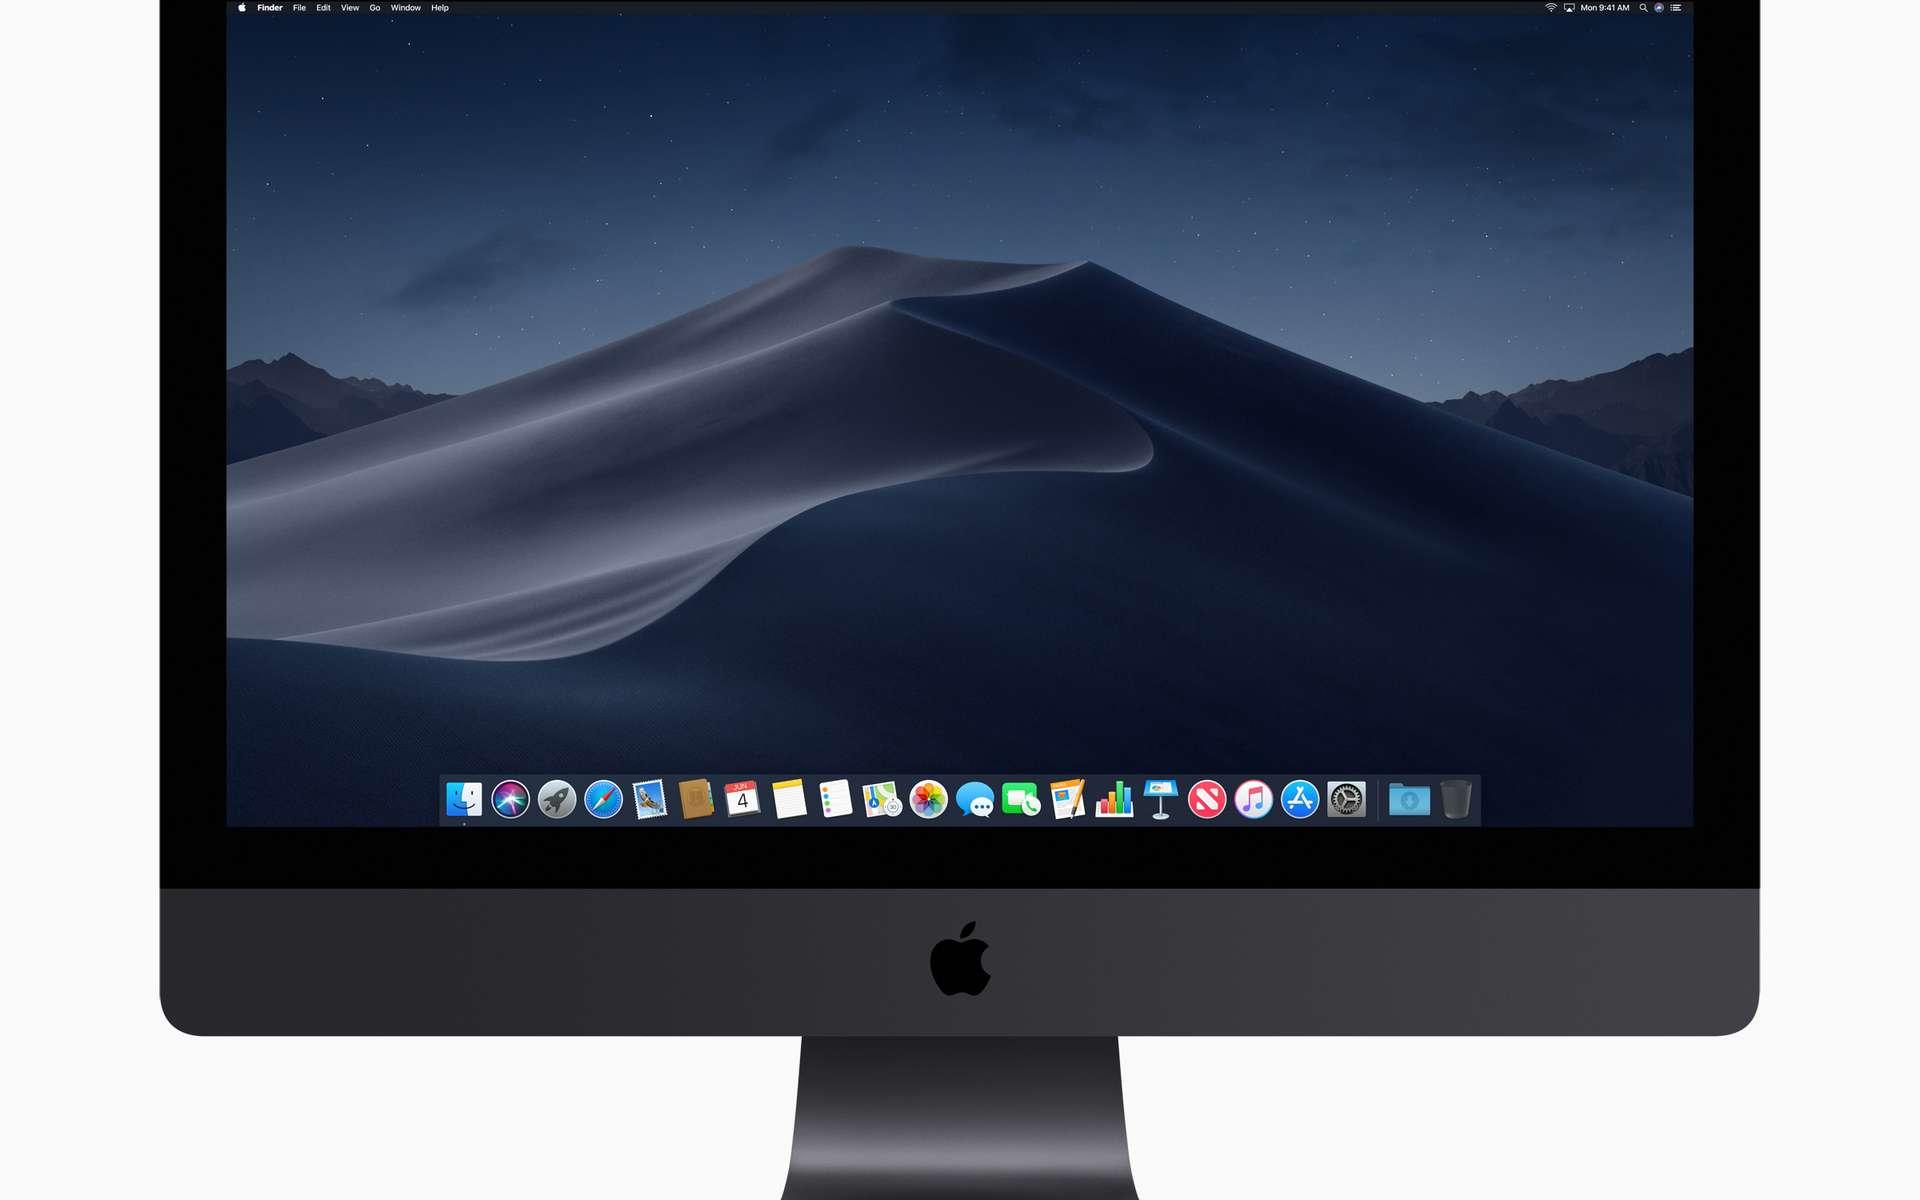 Le MacOS Mojave et son bureau en mode sombre. © Apple